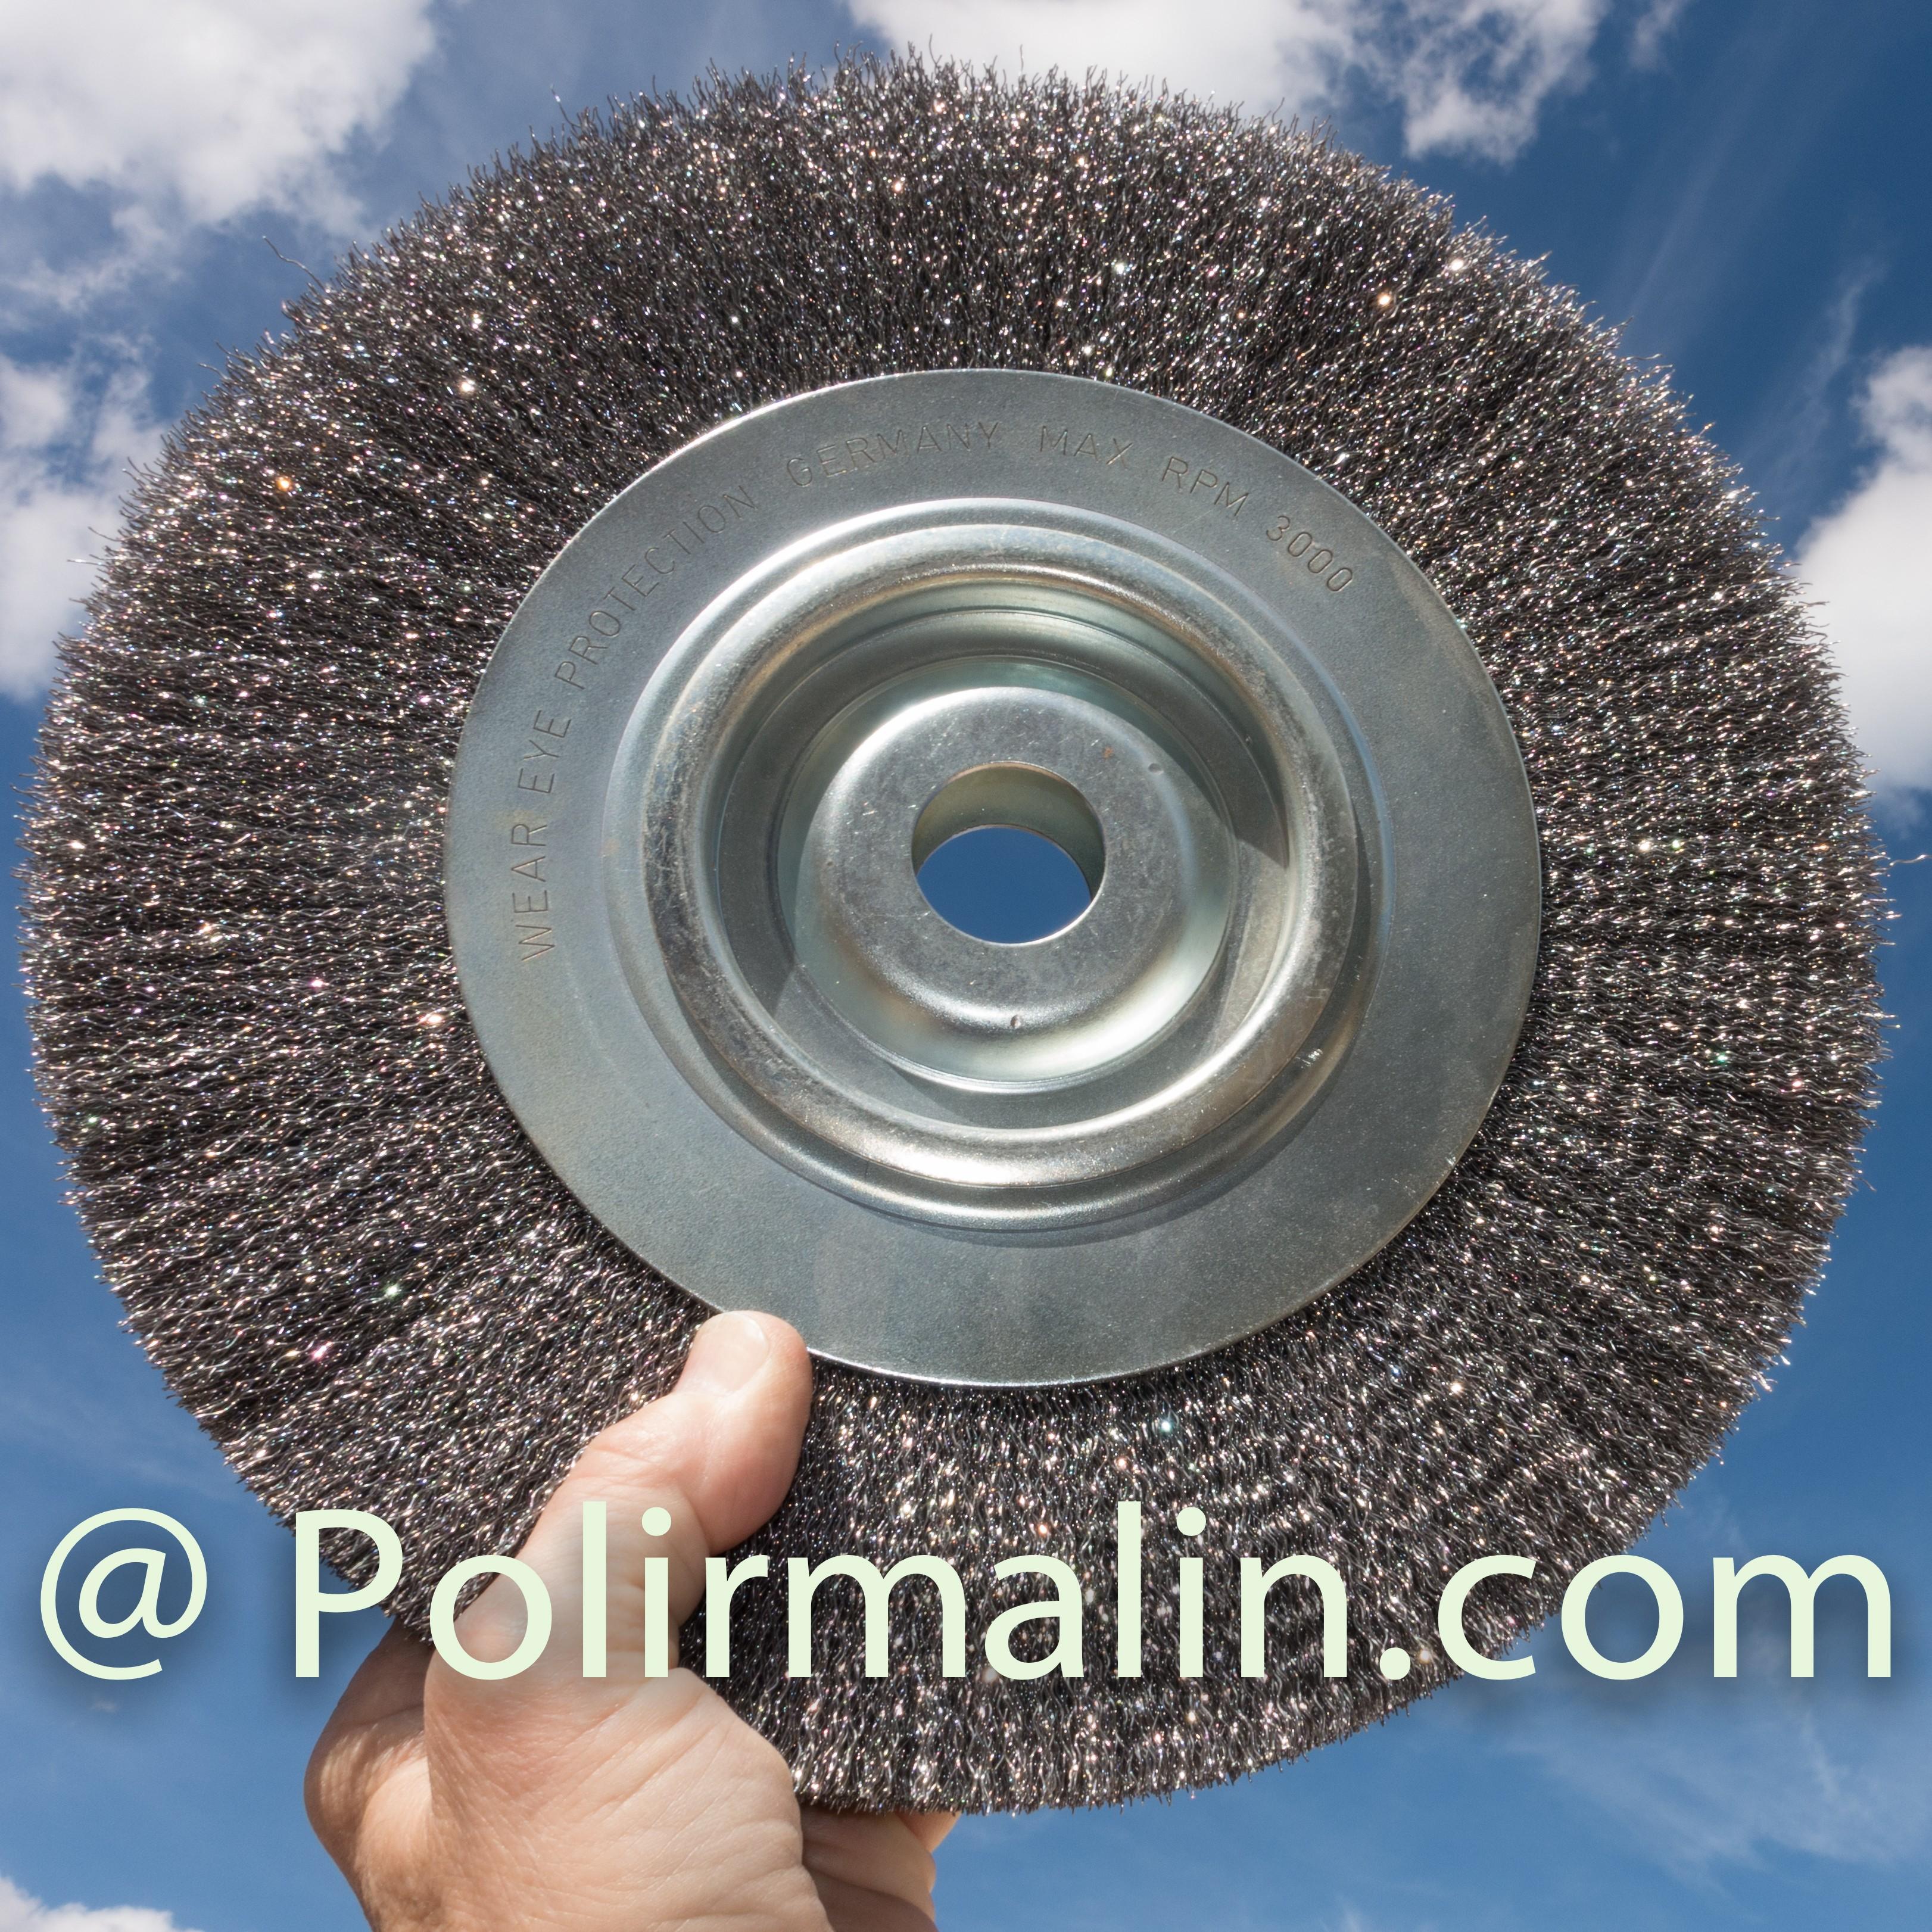 Fraise carbure cyl. à bout rond 8x20mm sur tige de 6x100mm. www.polirmalin.com spécialiste du polissage, de l'ébavurage et du br